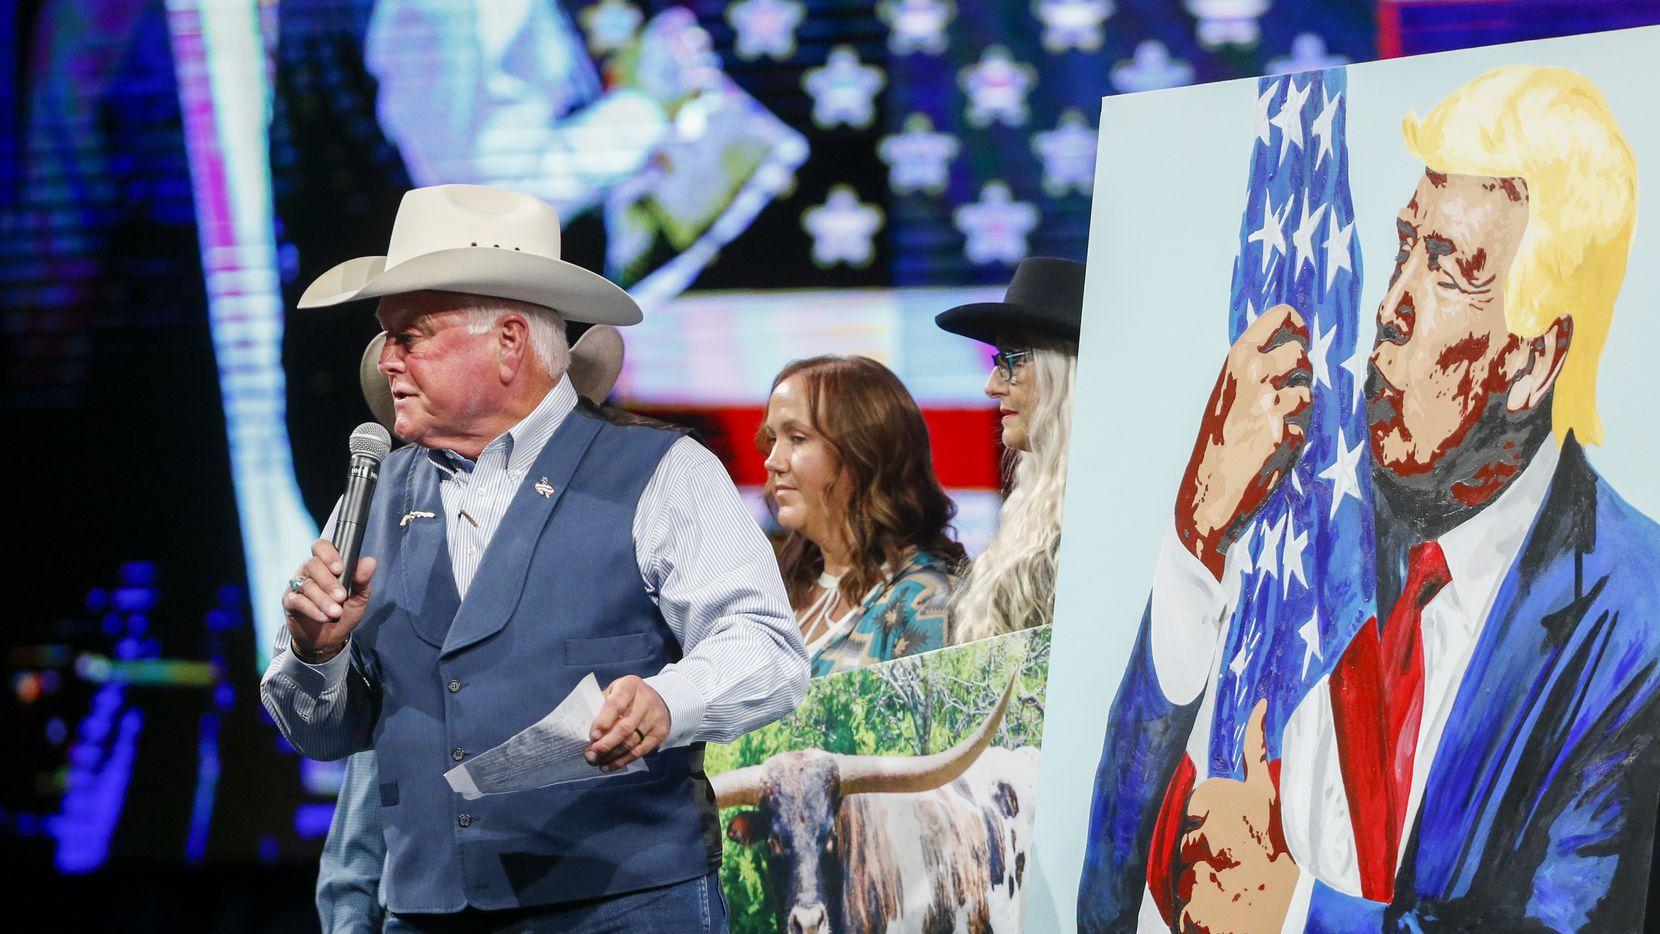 El comisionado de Agricultura de Texas, Sid Miller, realiza una subasta de una pintura del expresidente Donald Trump durante la convención republicana llevada a cabo el fin de semana en Dallas.